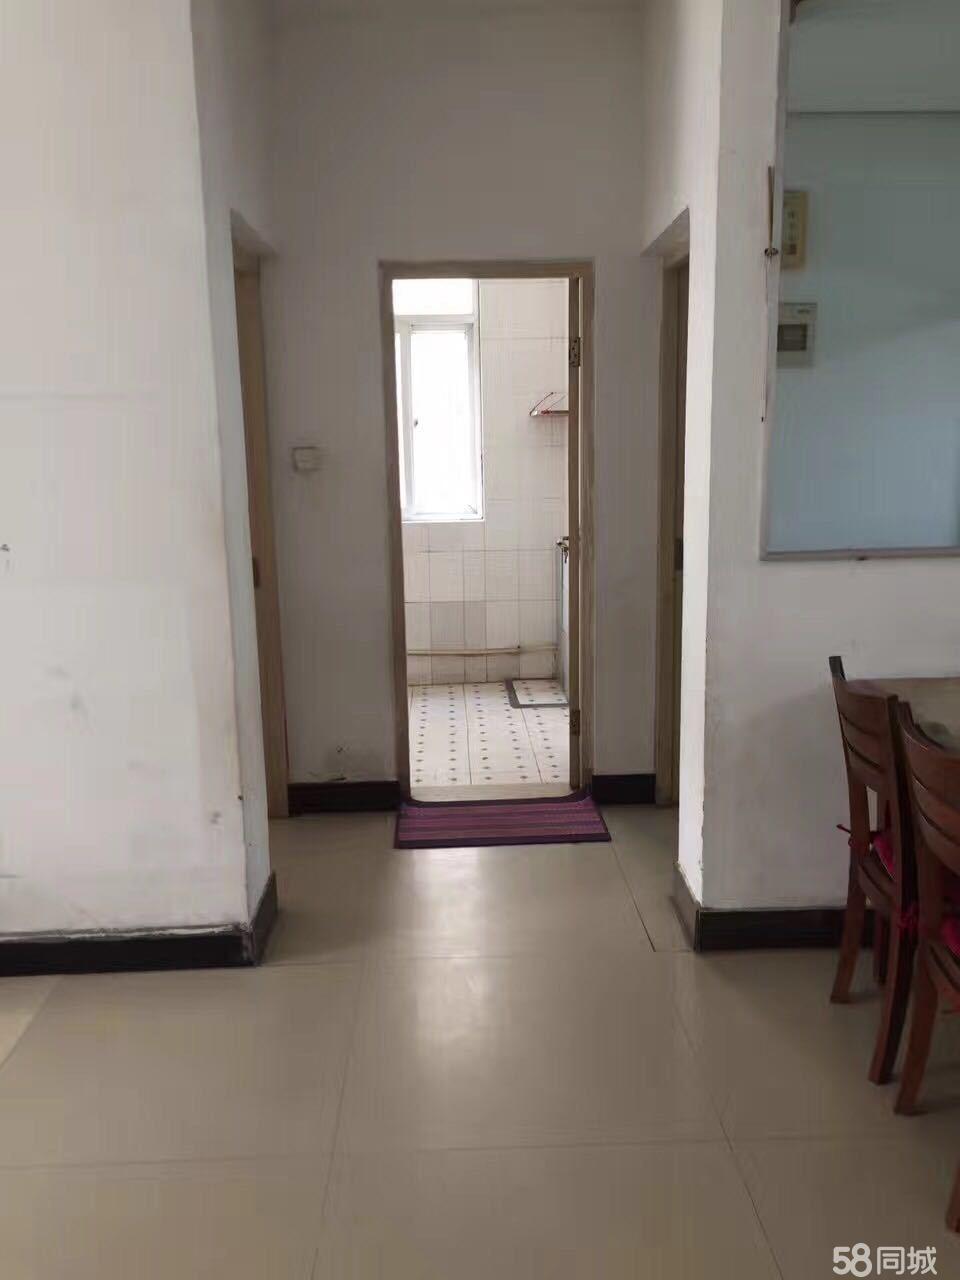 安陵镇阳光丽城2室2厅90平米简单装修押一付三